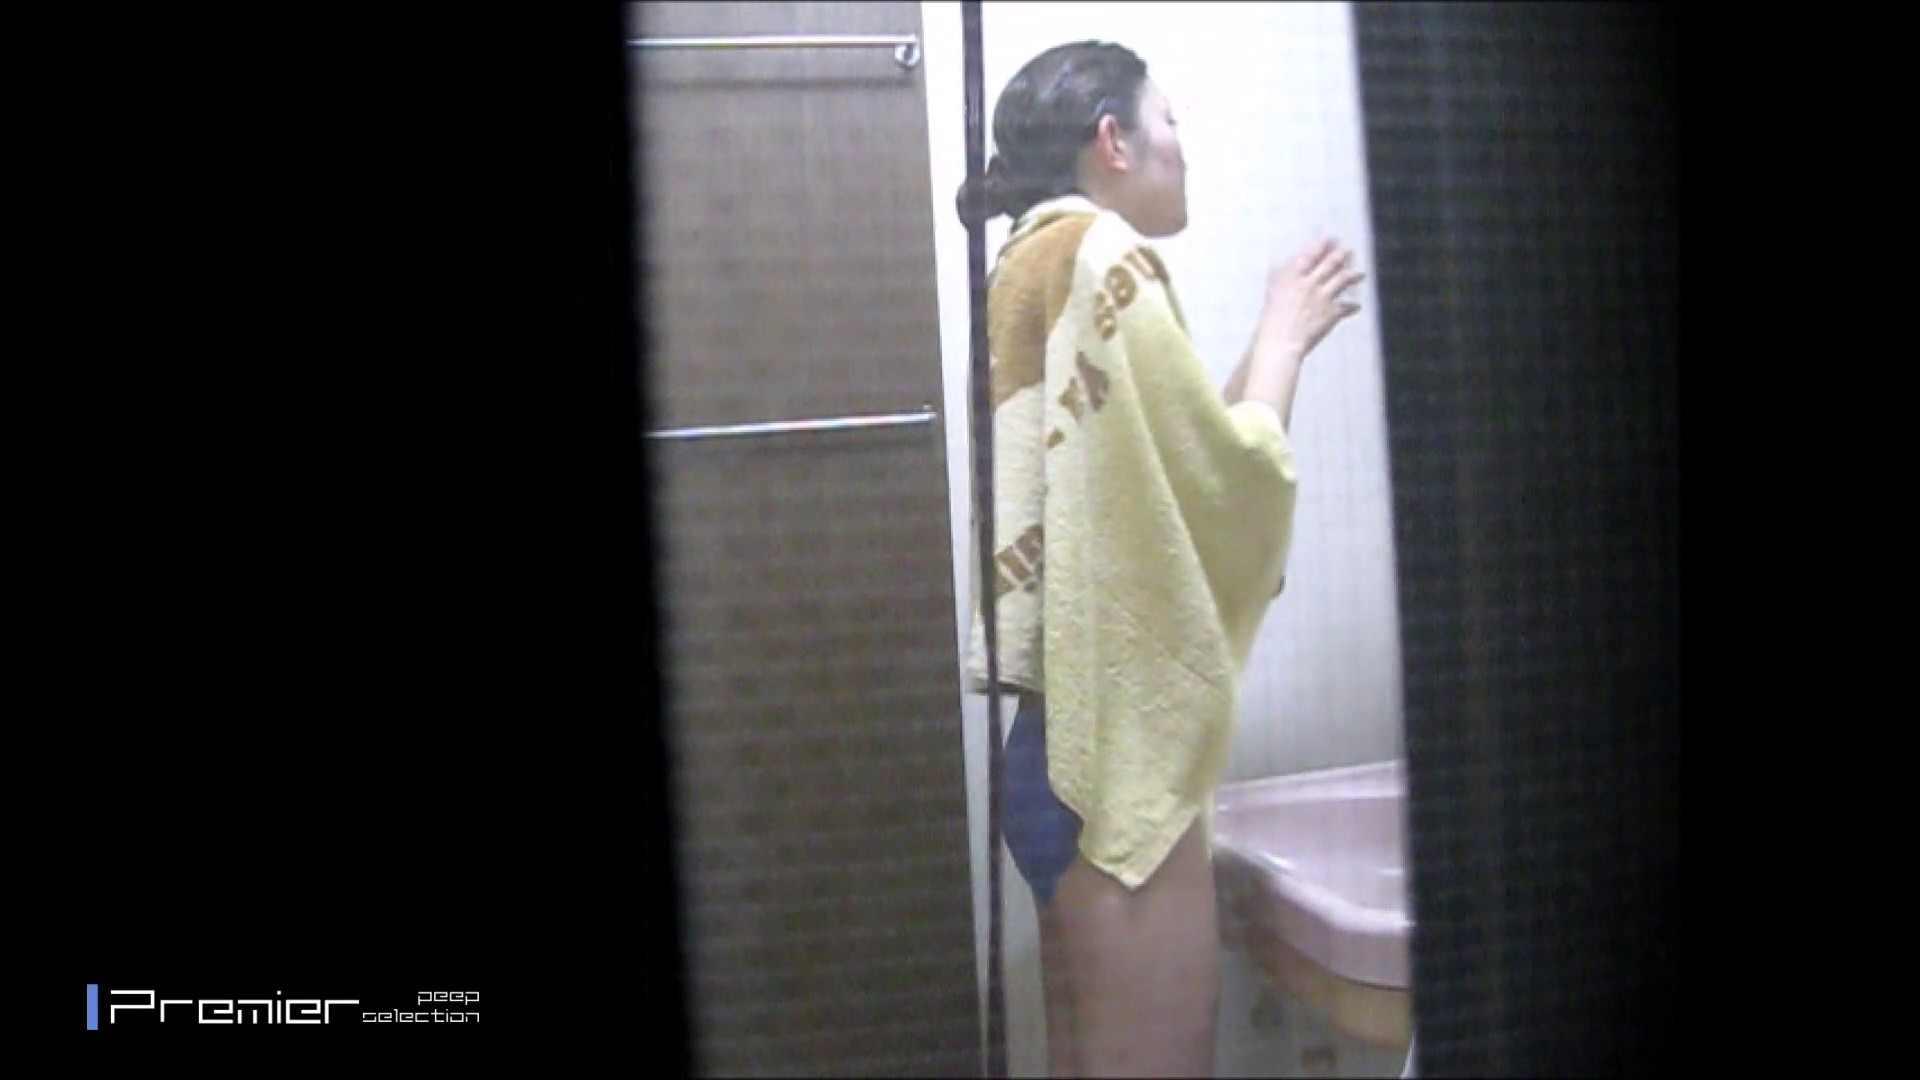 スレンダー美女の桃色乳首 乙女の風呂場 Vol.09 盗撮 オマンコ無修正動画無料 51pic 51